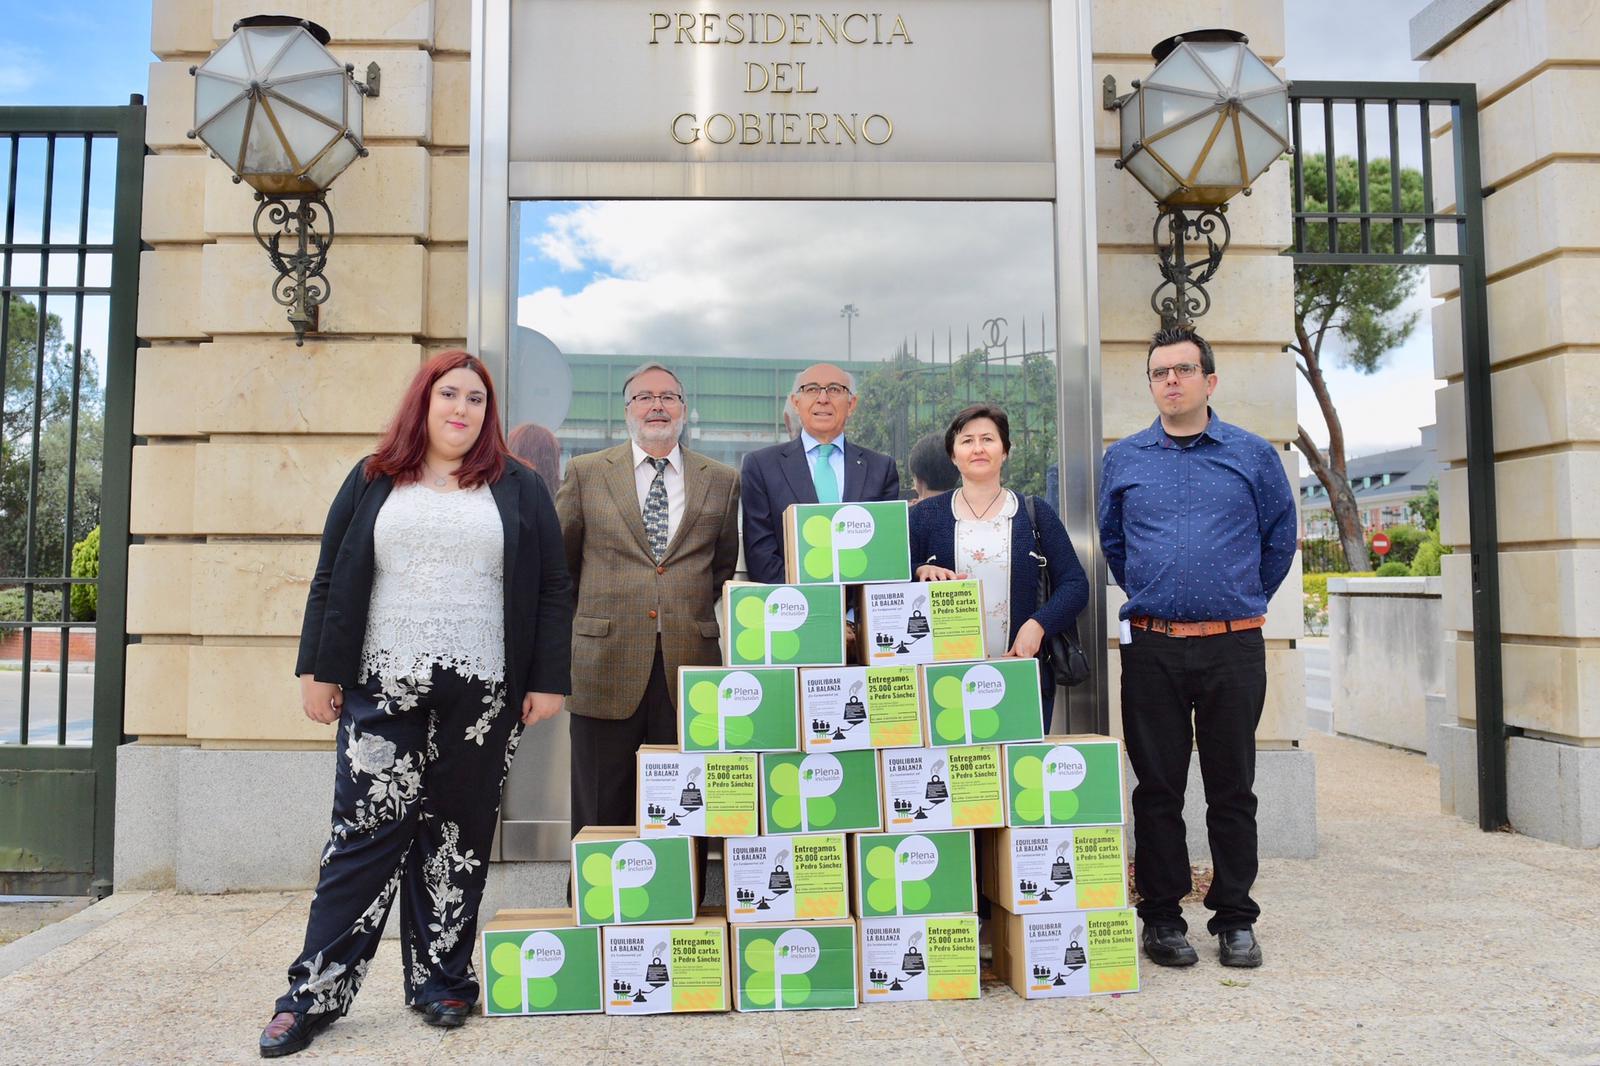 Representantes de Plena inclusión entregando las cartas en la Presidencia del Gobierno